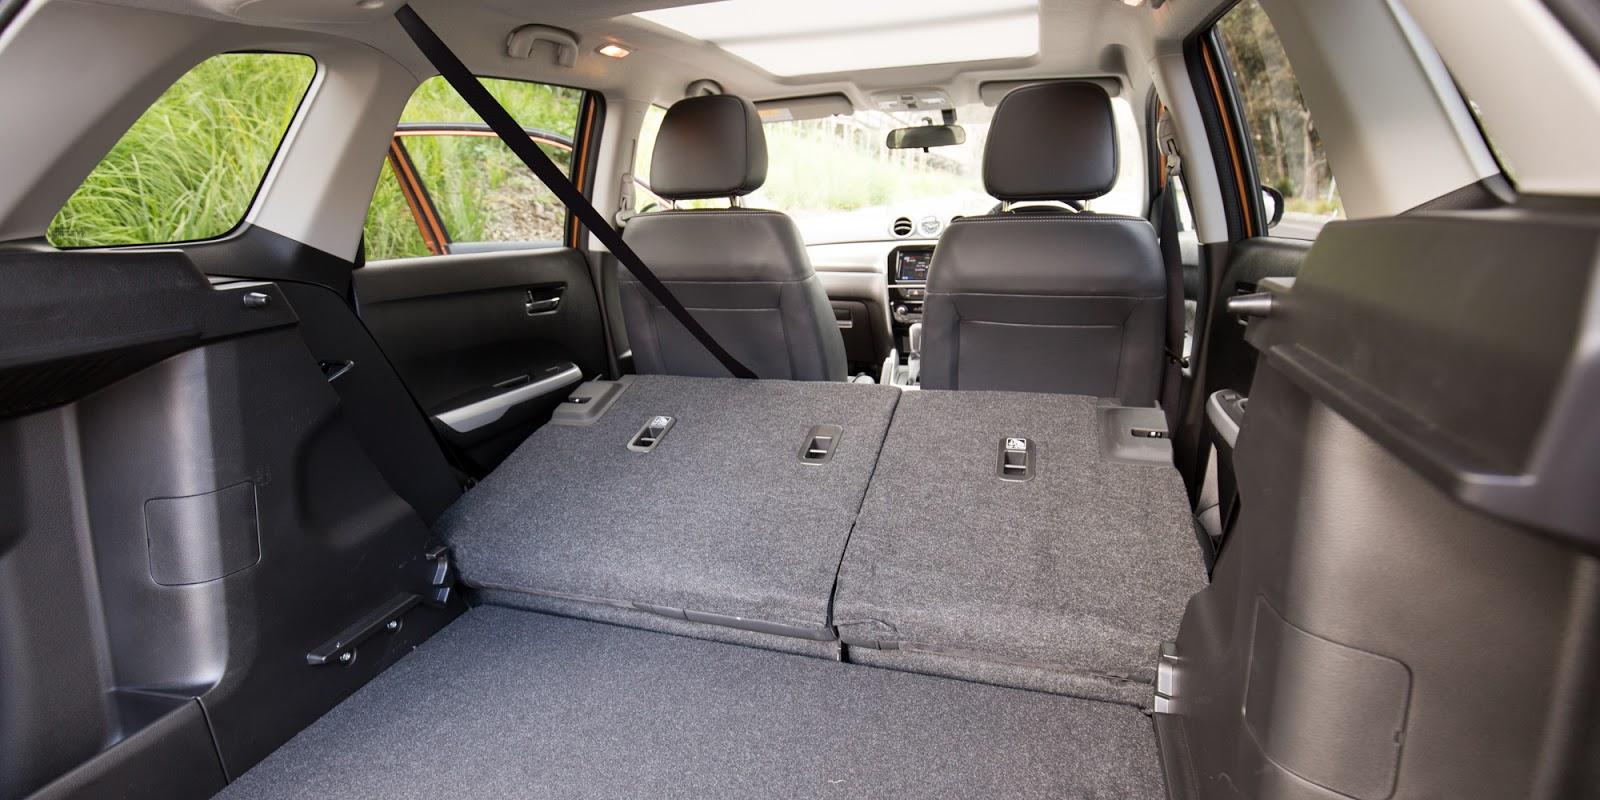 Nếu muốn rộng hơn nữa, hãy hạ hàng ghế thứ hai xuống, khoang hành lý để đồ thoải mái